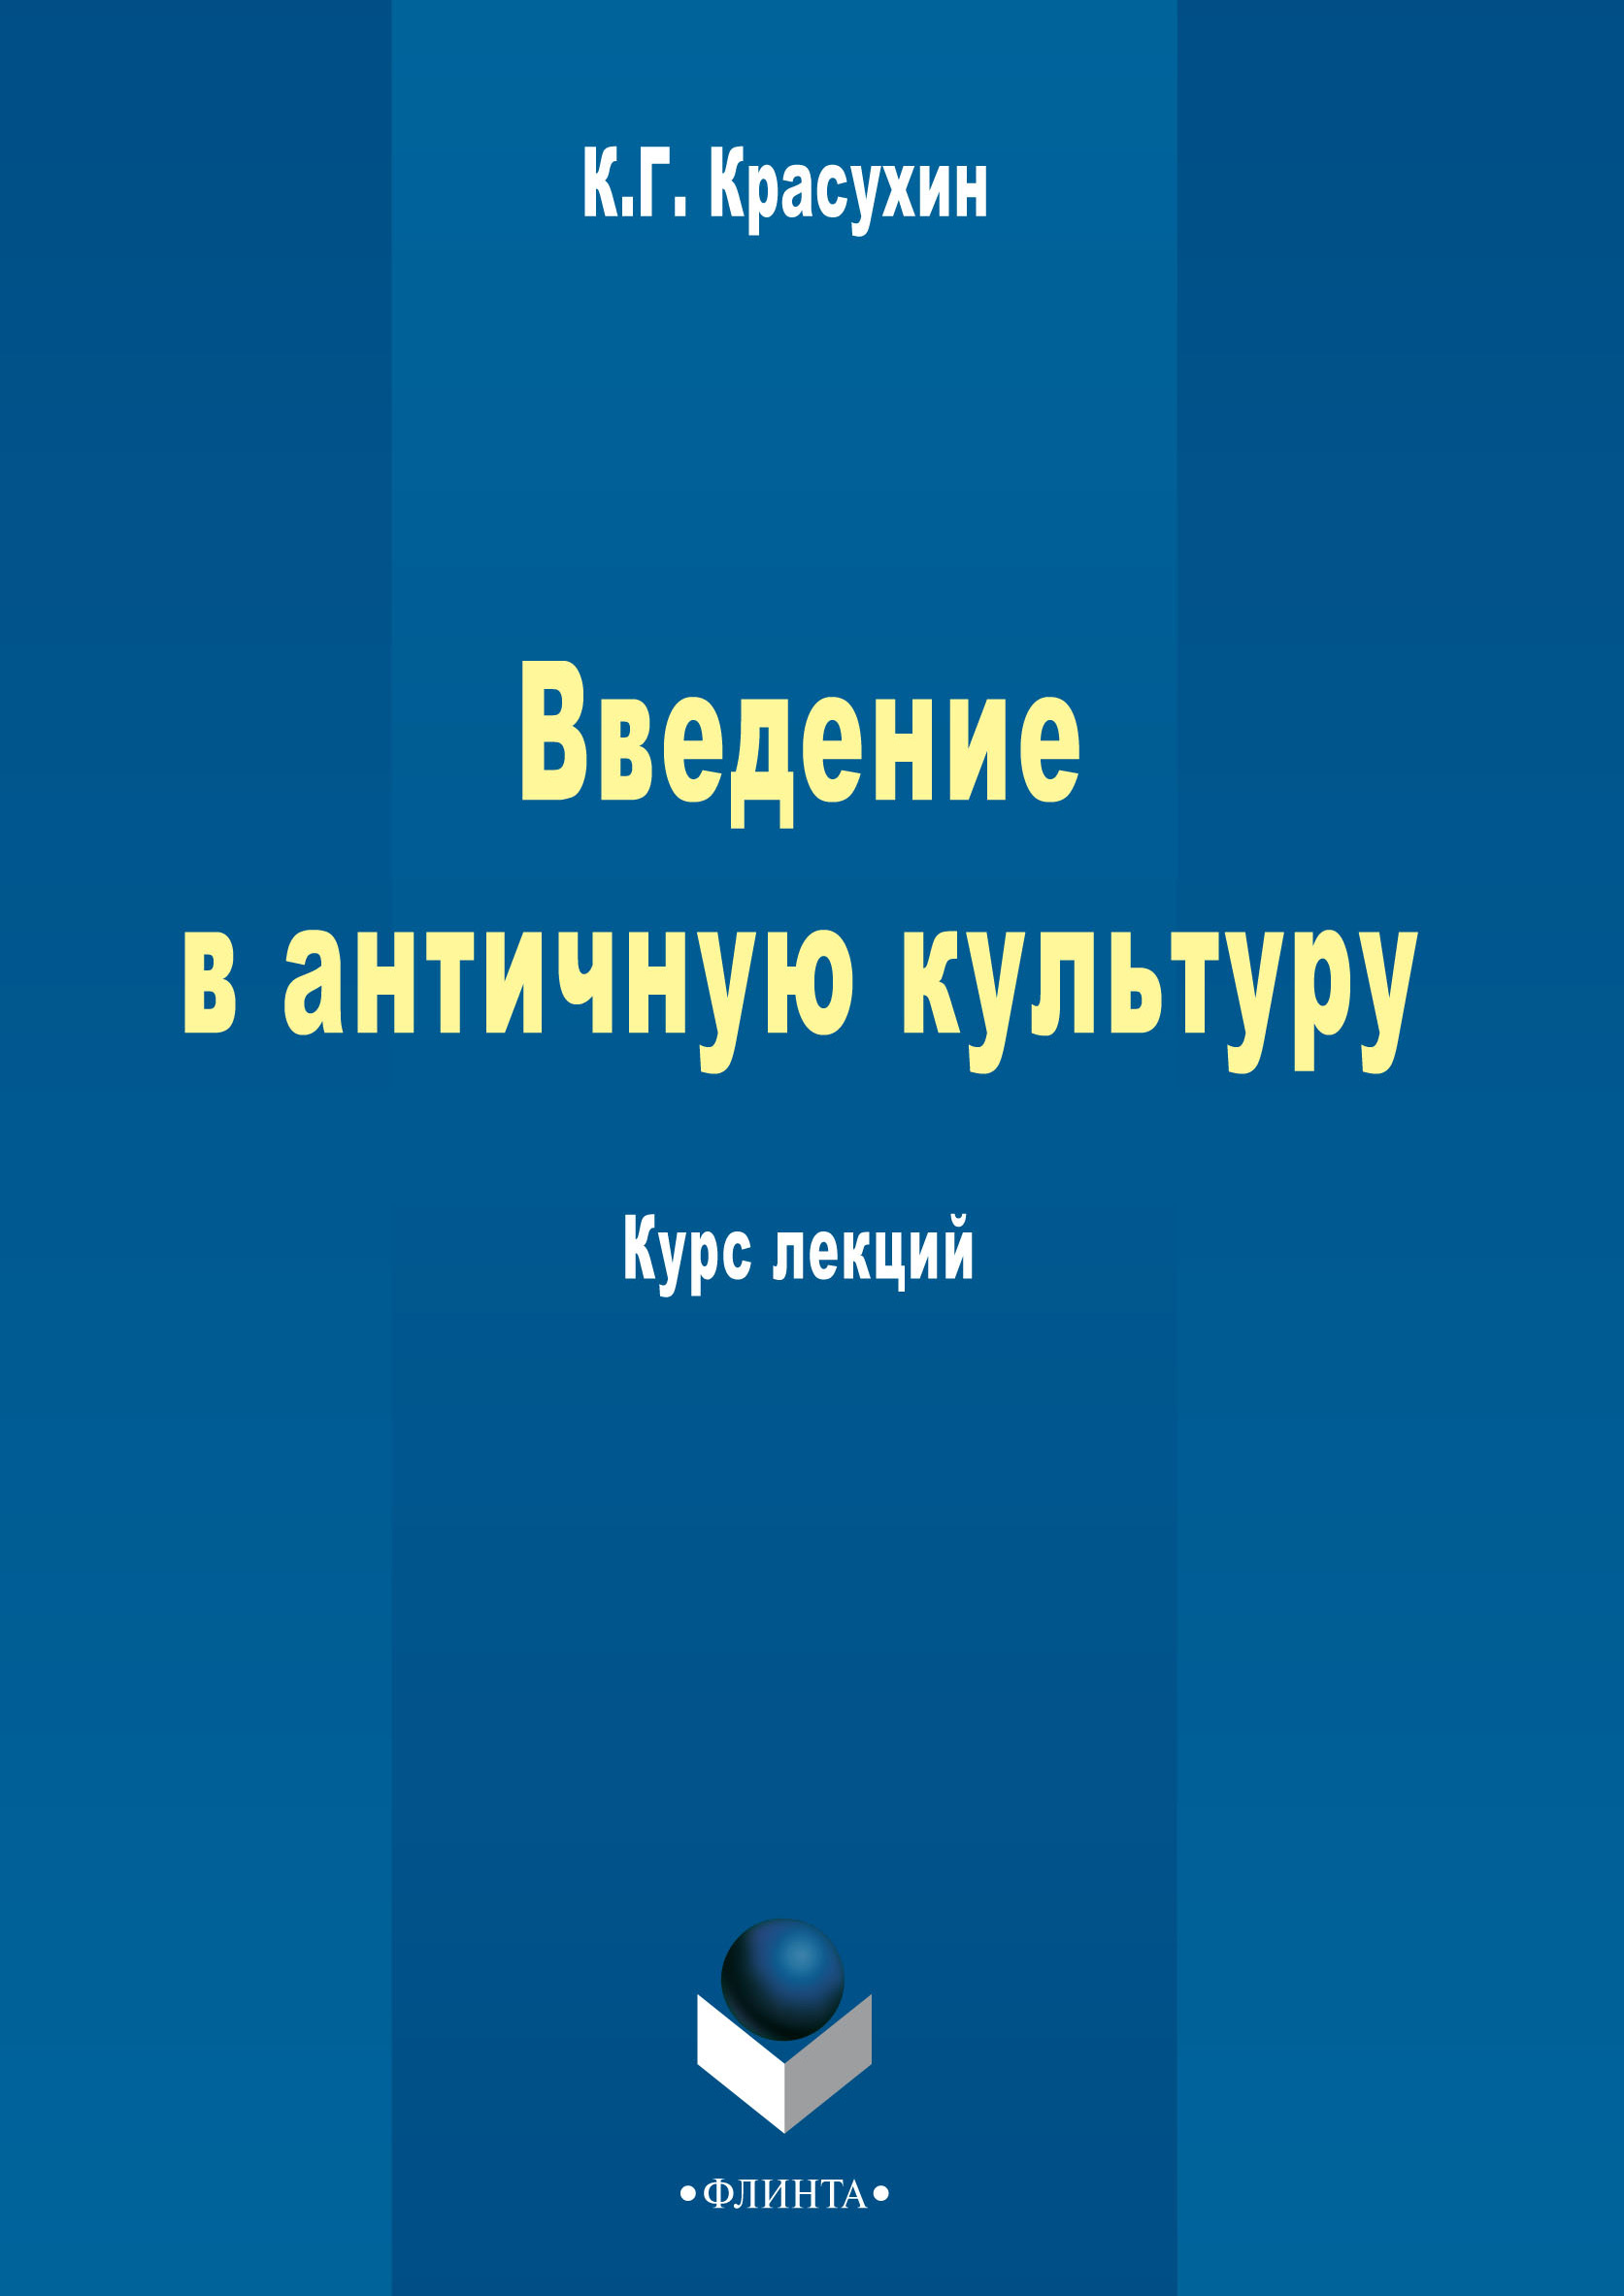 К. Г. Красухин Введение в античную культуру: курс лекций цена